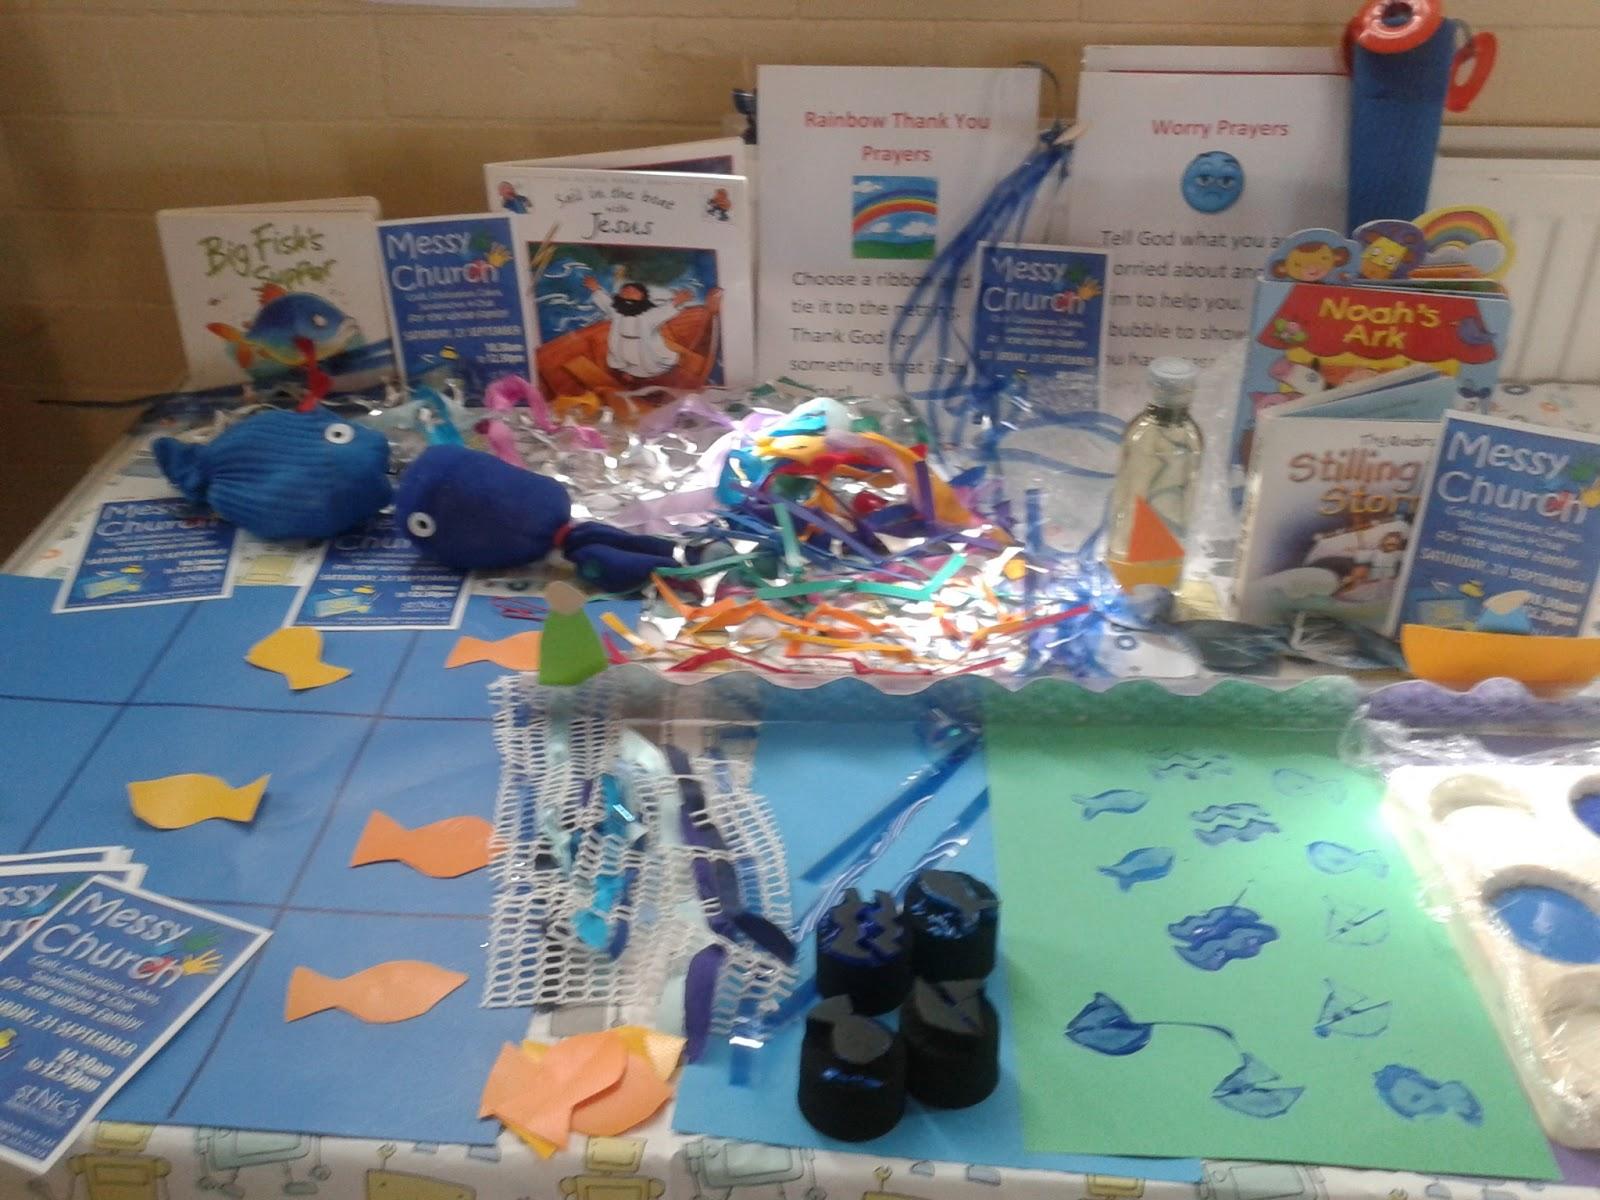 flame creative children u0027s ministry scrap store crafts bible